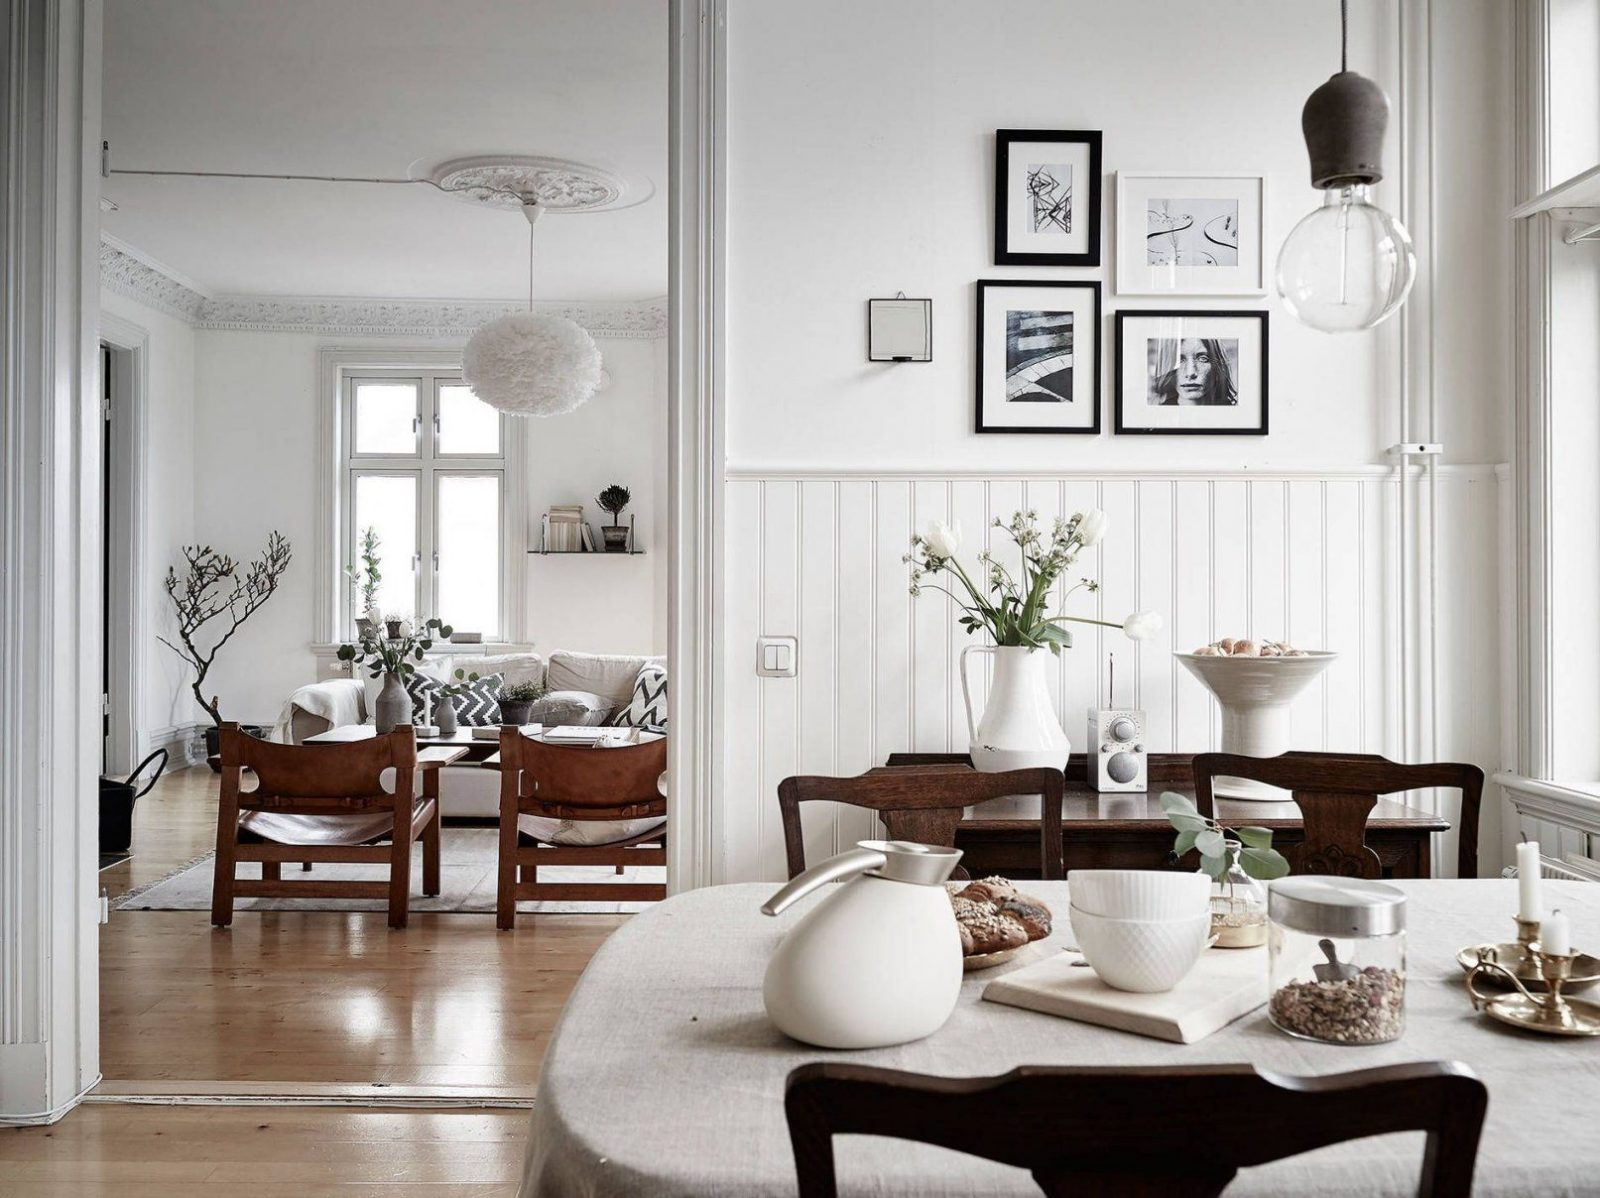 wohnzimmer neu gestalten landhaus altbau, altbau küche einrichten. mülleimer küche trennung kleine sitzplatz, Design ideen